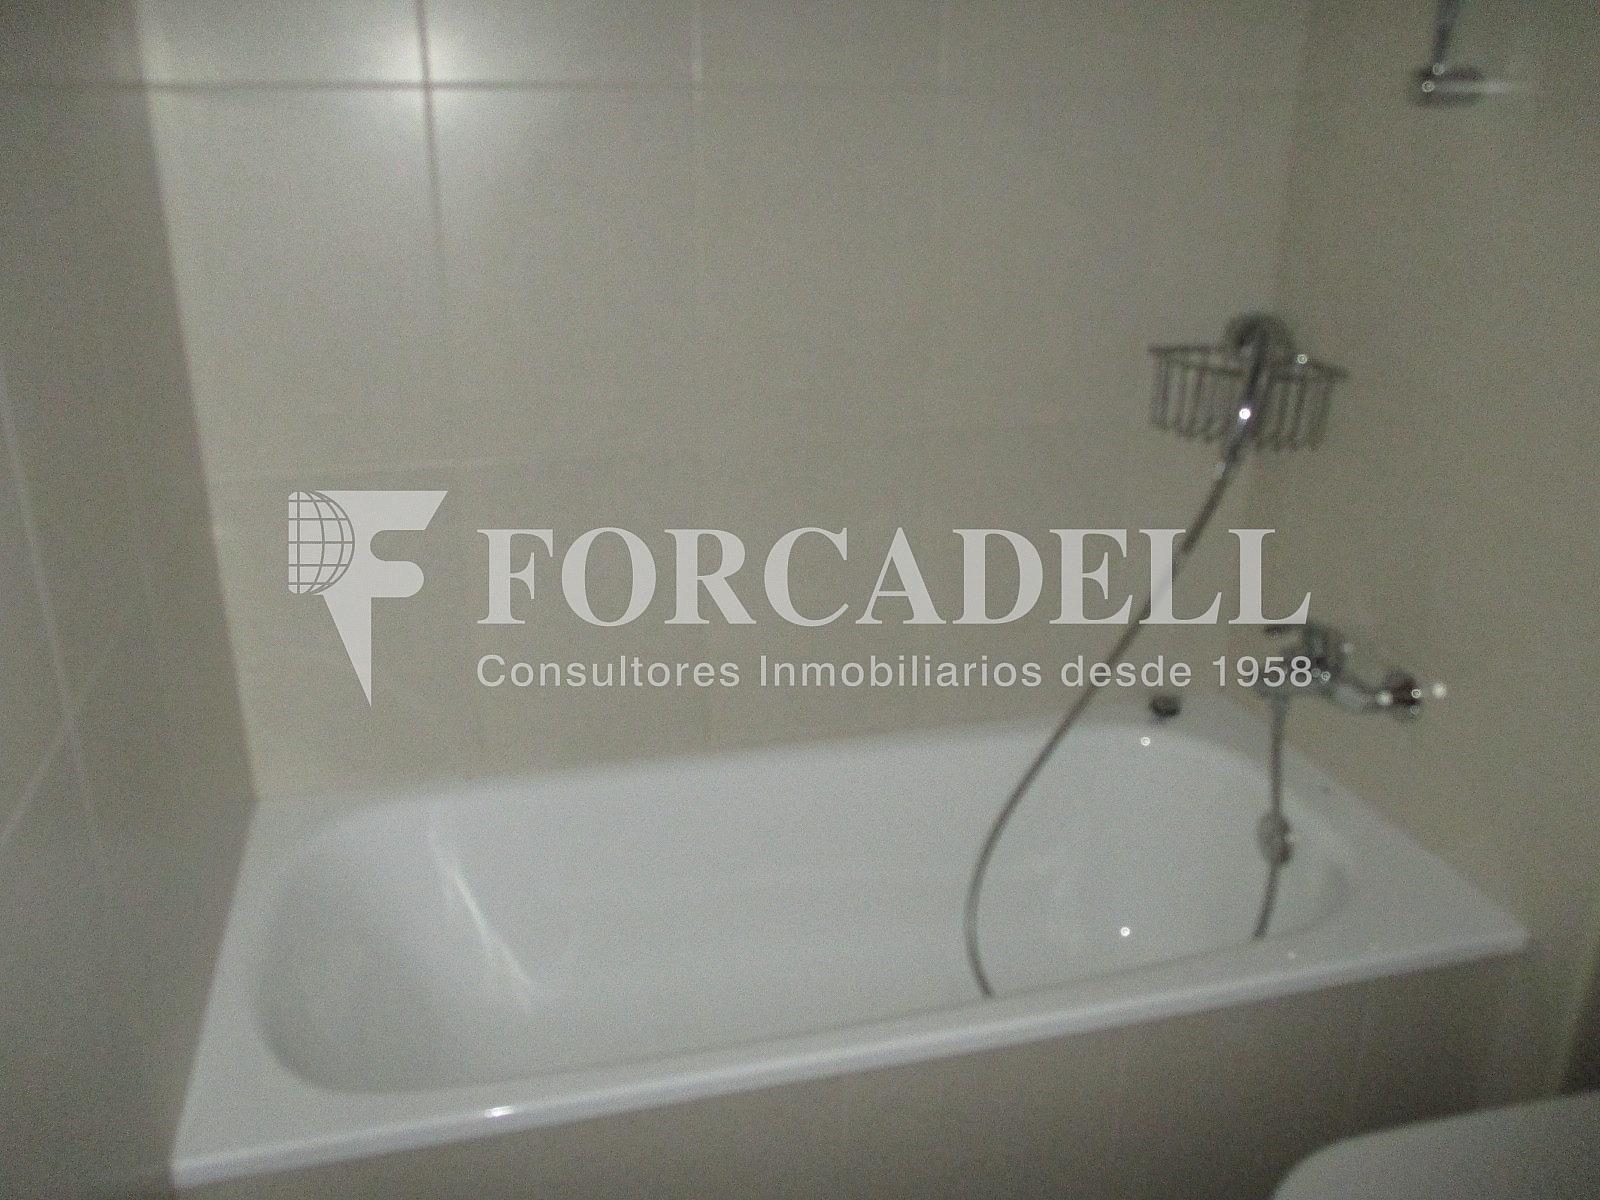 IMG_2684 - Piso en alquiler en calle Merce Rodoreda, Can clota en Esplugues de Llobregat - 331432092